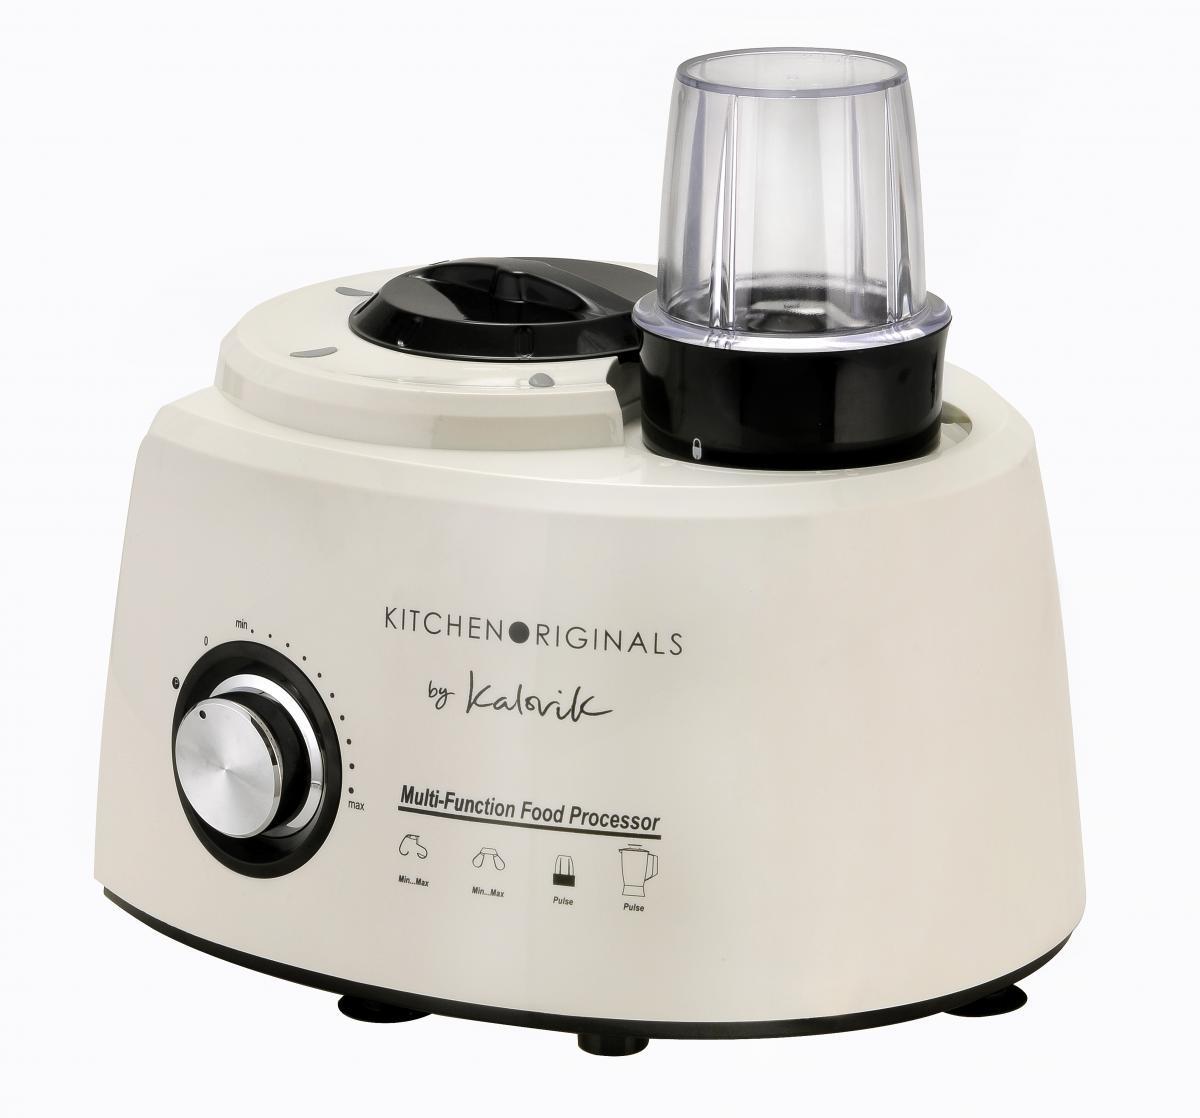 Bild 3 von KitchenOriginals 3 in 1 Küchenmaschine TKG HA 1007 Creme-Weiß mit Standmixer- & Zerkleinereraufsatz